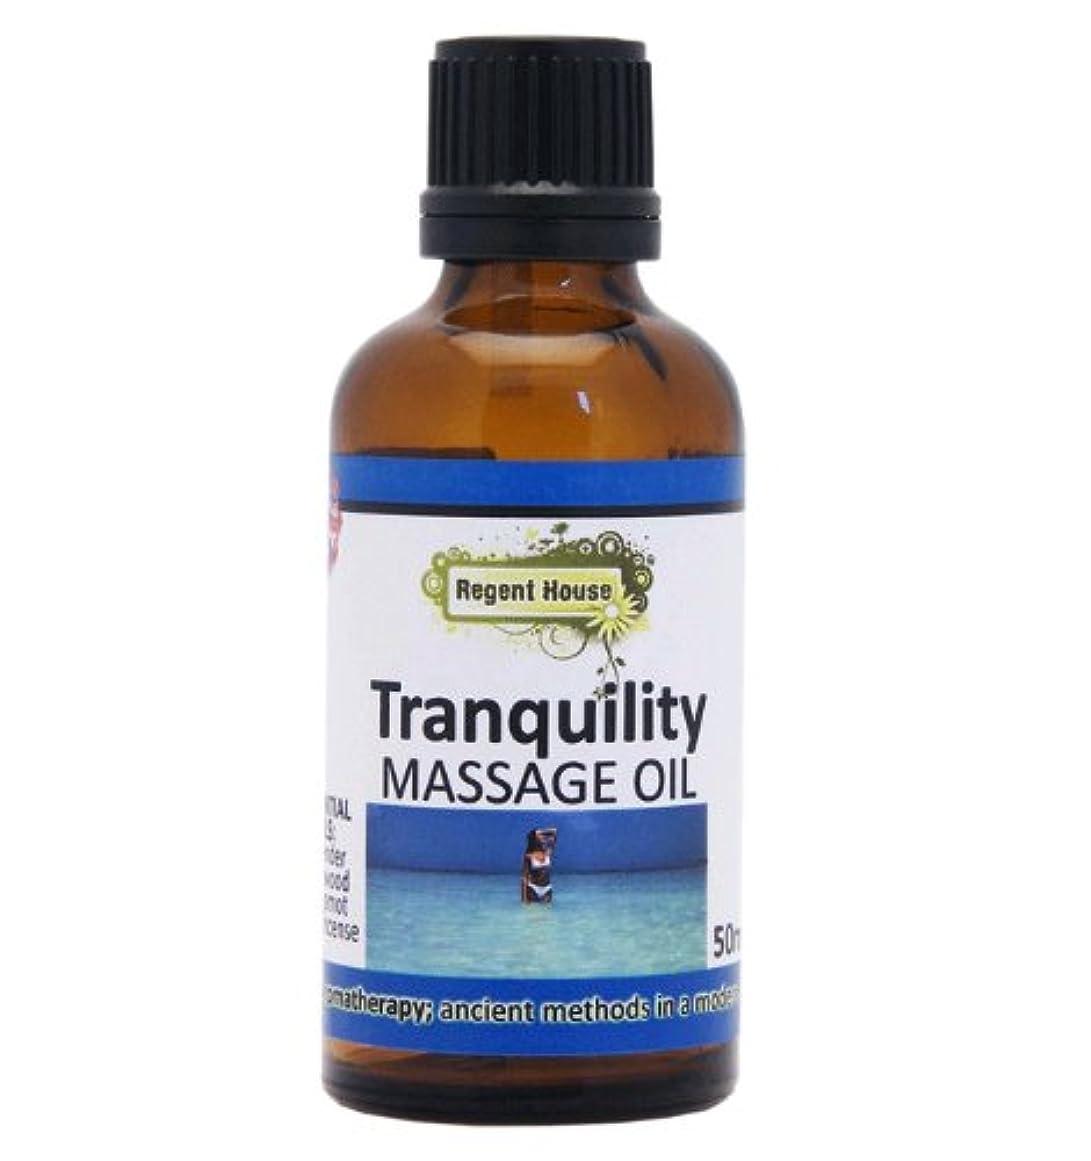 口迷信パステル貴重なローズウッドを、たっぷり配合しました。 アロマ ナチュラル マッサージオイル 50ml トランキュリティー(Aroma Massage Oil Tranqulity)